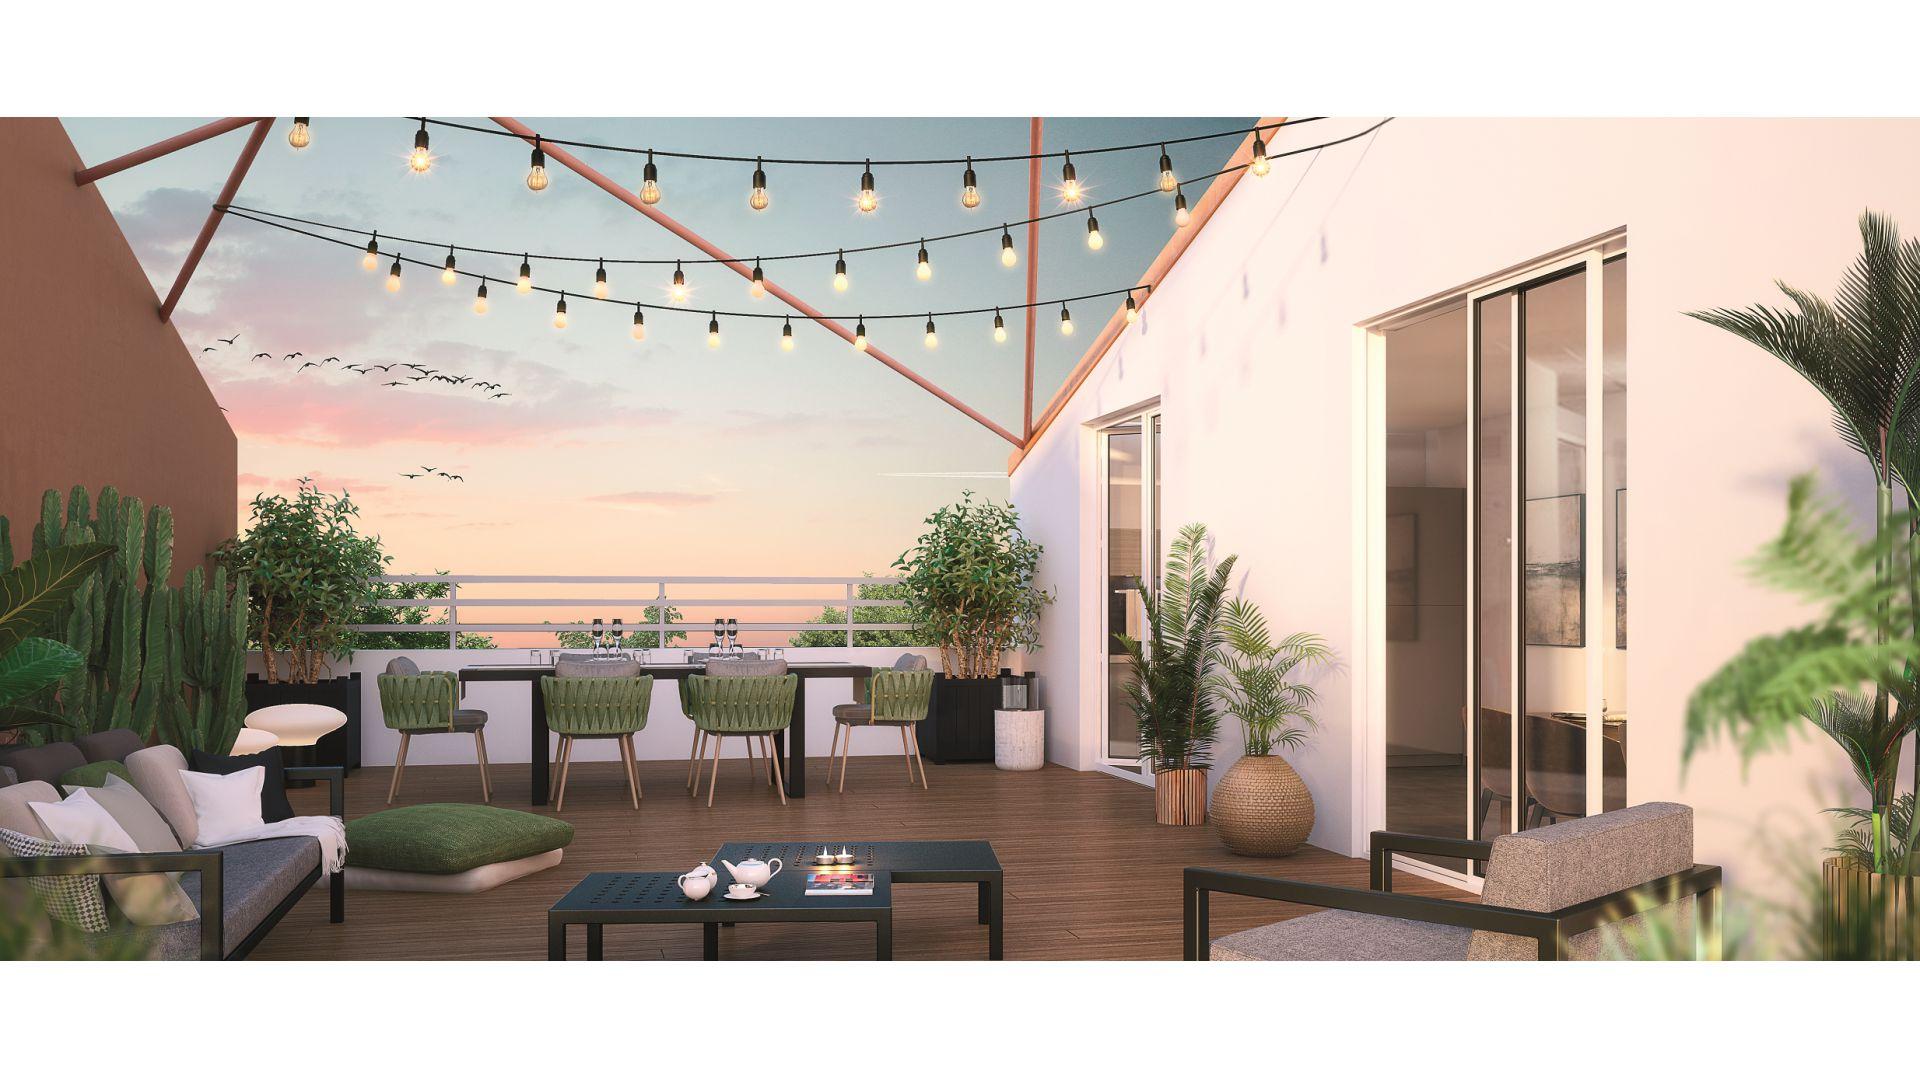 GreenCity immobilier - Sucy en Brie - 94370 - Résidence du Grand val - appartement neuf du T1 au T5 - vue terrasse